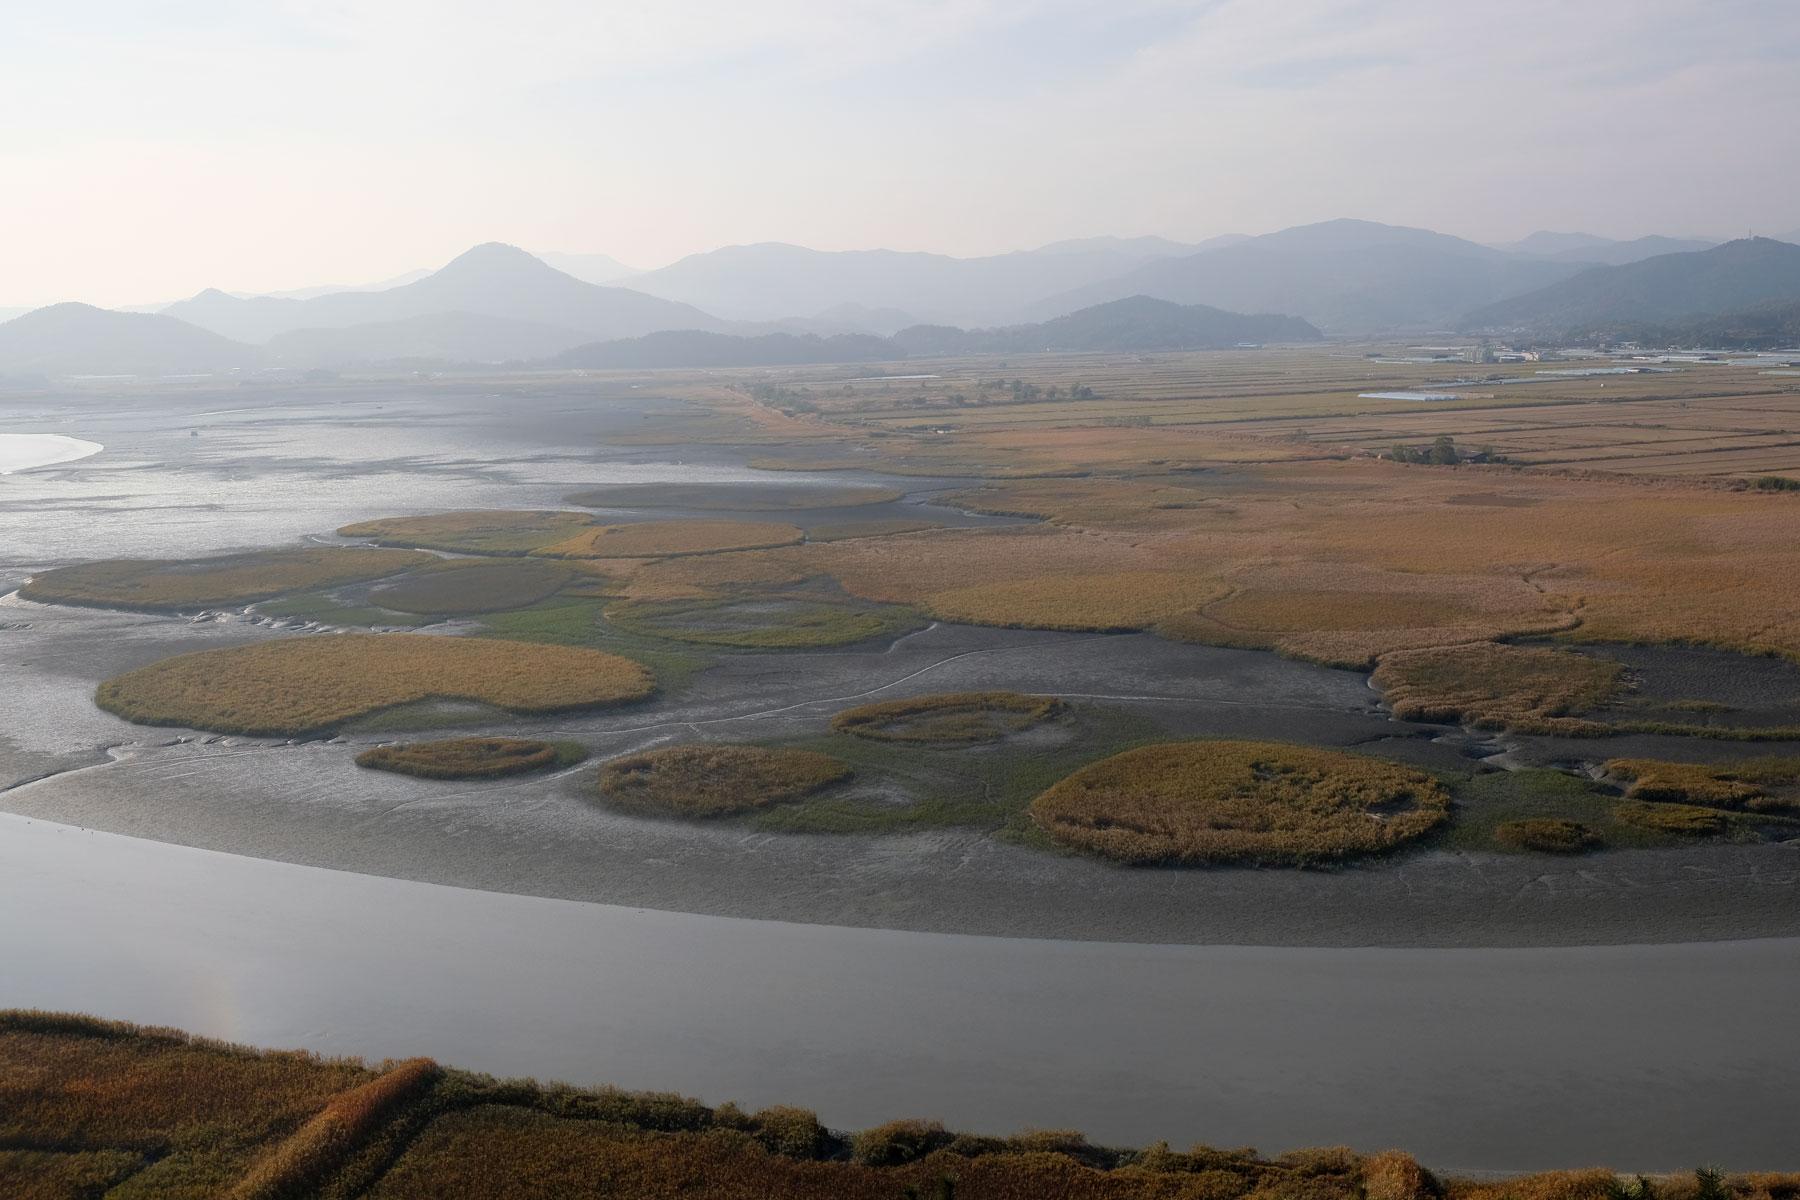 Blick von oben auf das Suncheon Wetland Reserve in Südkorea.